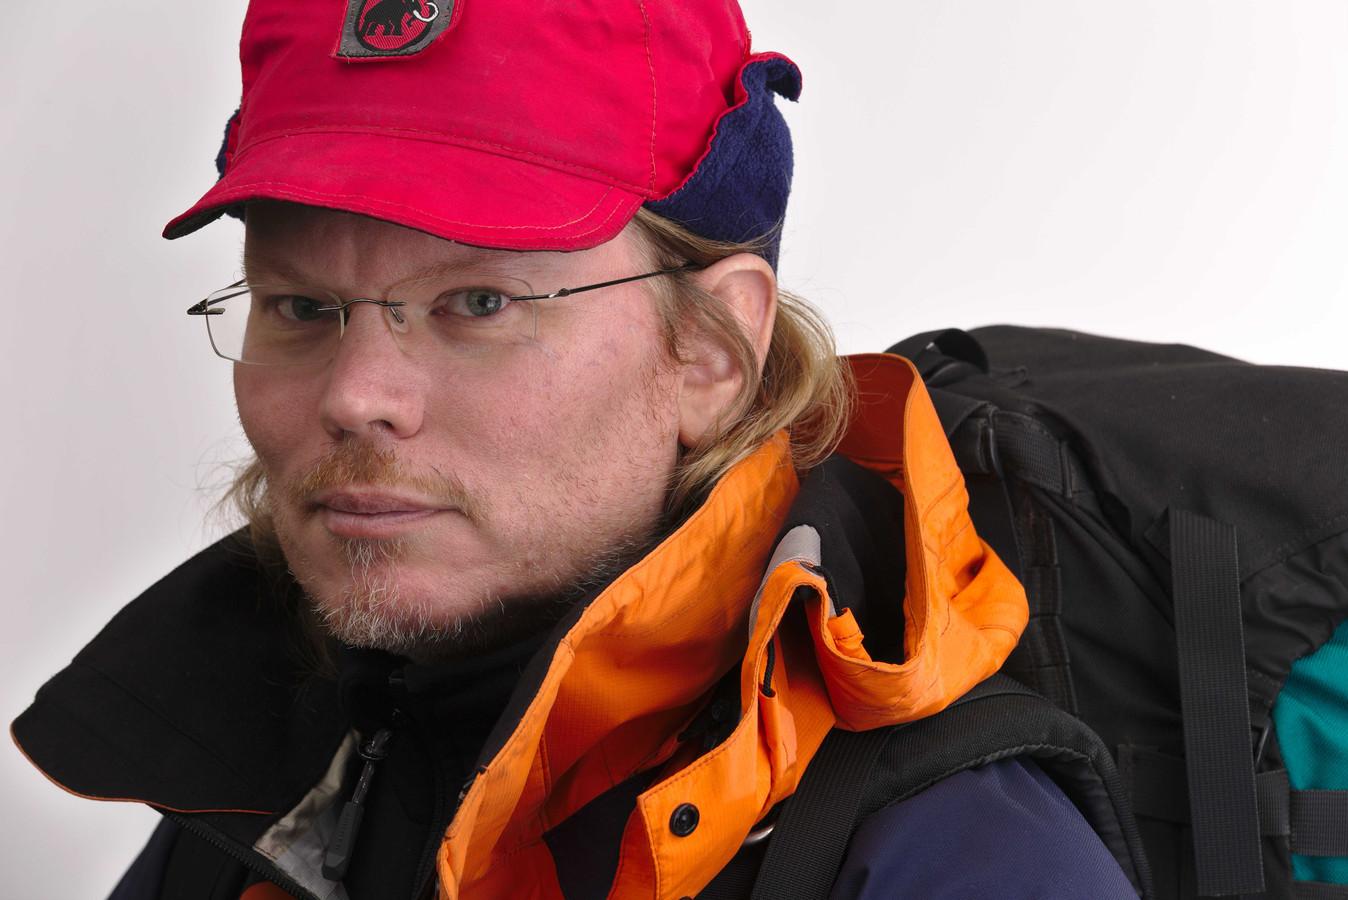 Archieffoto van de 47-jarige Arjen Kamphuis die sinds 20 augustus wordt vermist in Noorwegen. Hij werd voor het laatst gezien in een hotel in Bodø.